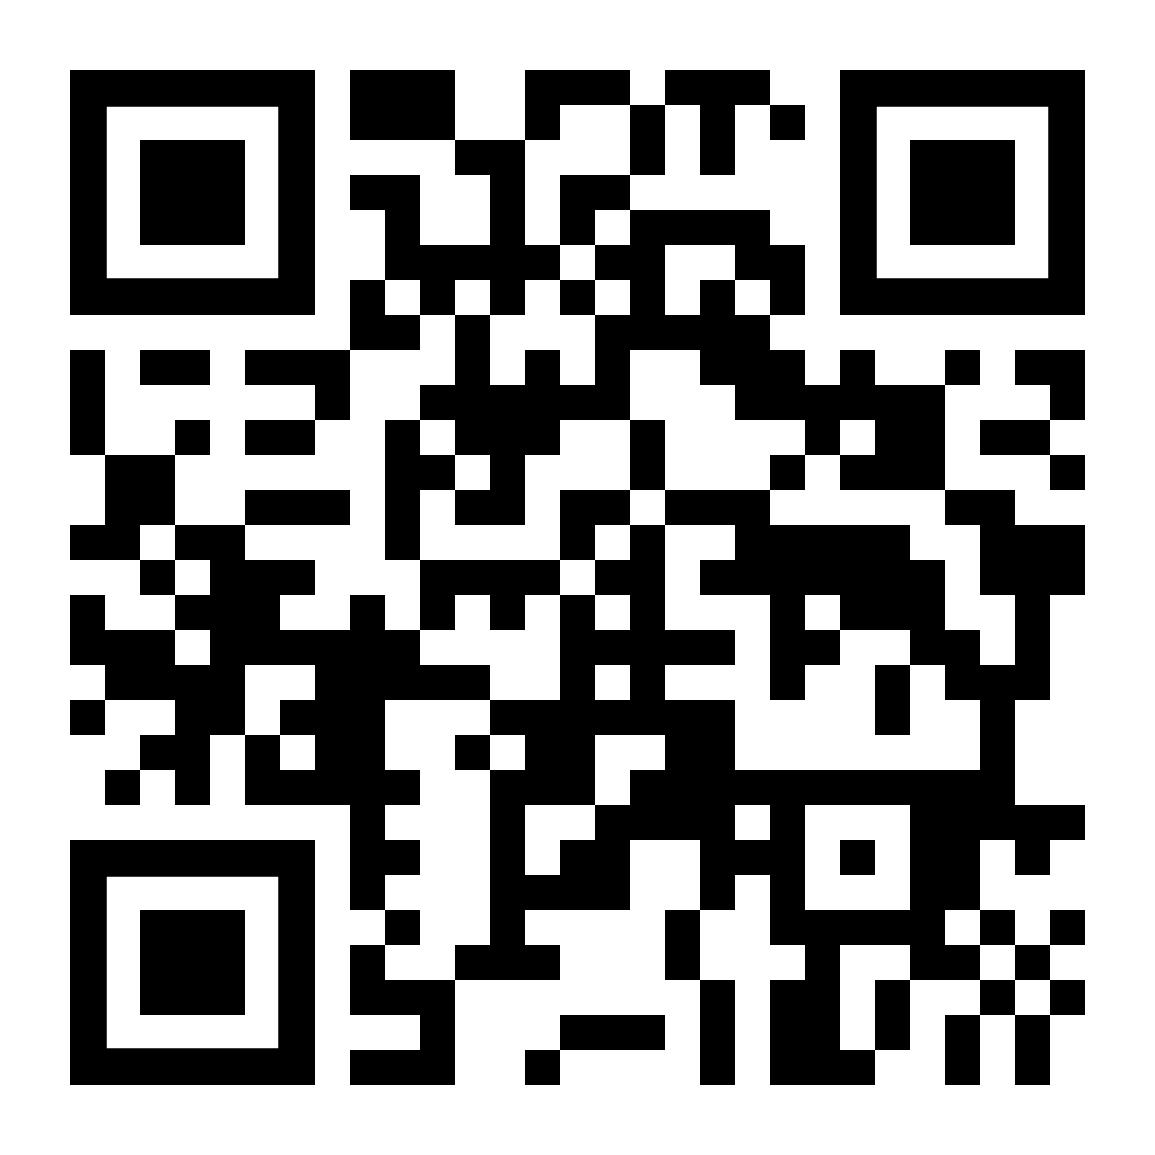 QR-Code für den DWDS-Artikel 'QR-Code'